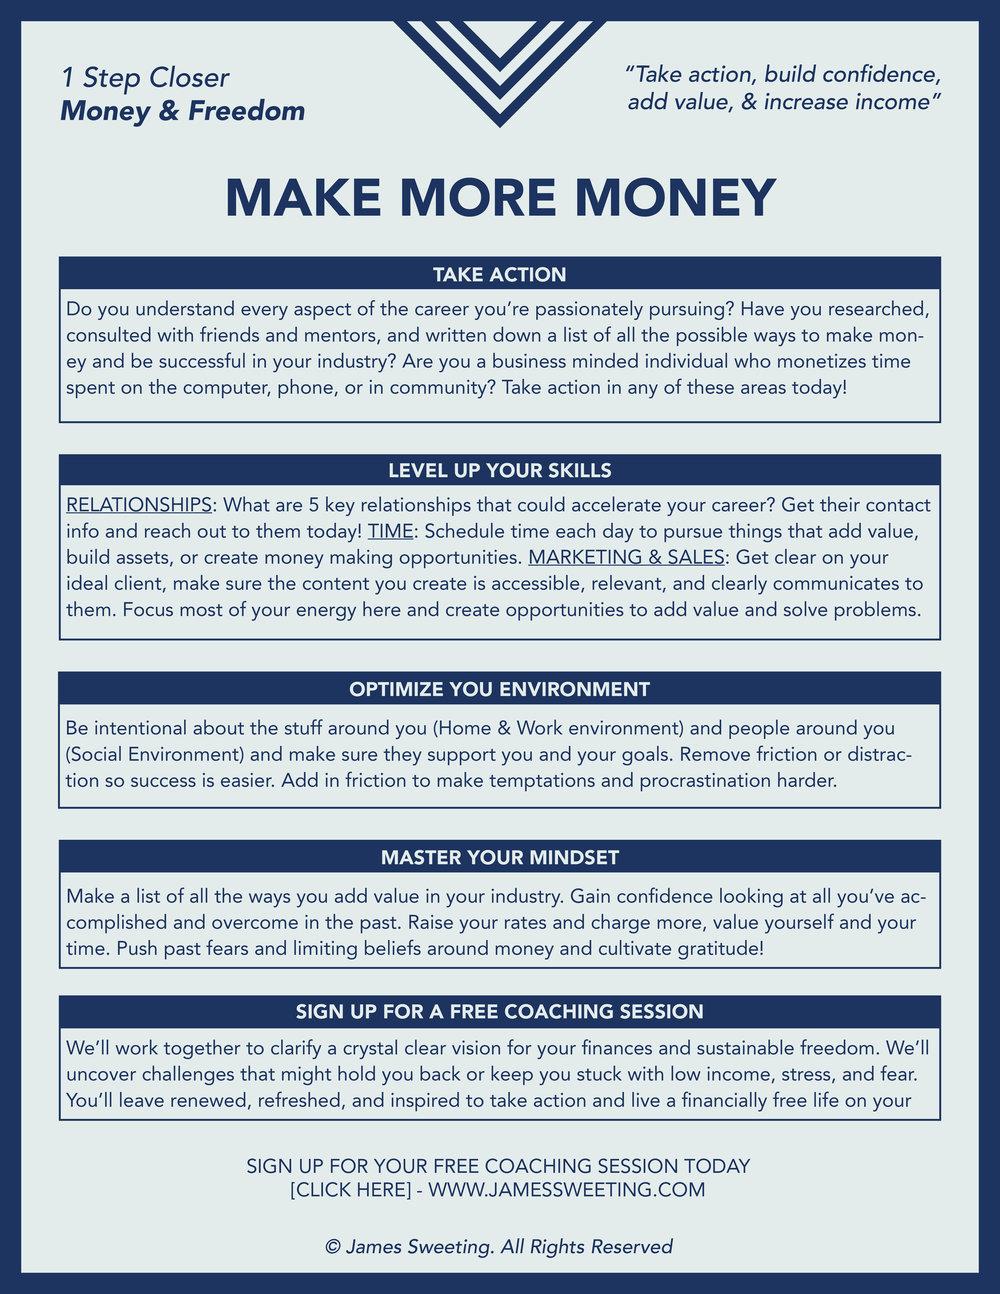 ONE-STEP-CLOSER-Make More Money.jpg